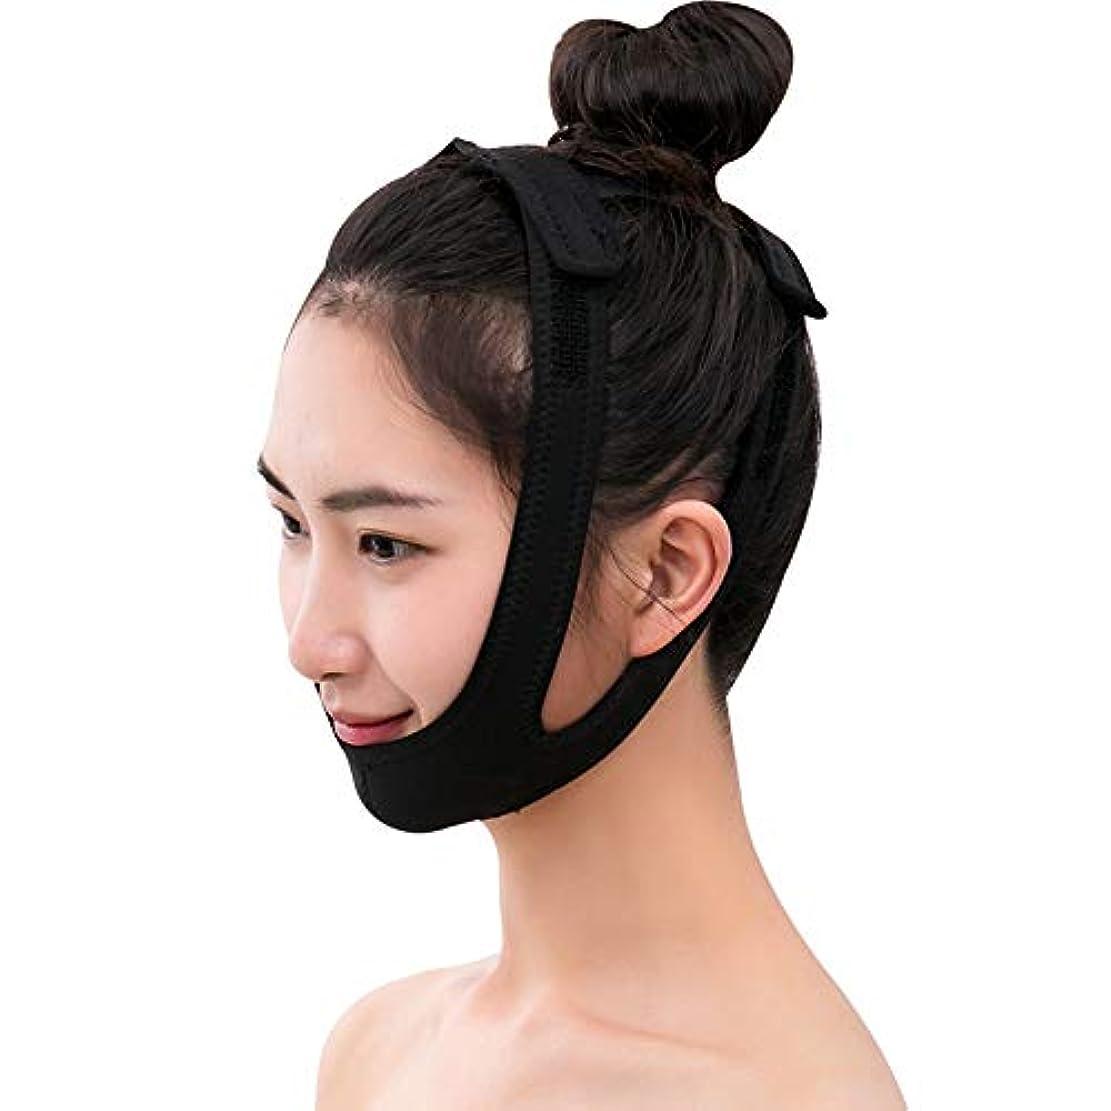 メニューナプキン宣言するXINGZHE フェイシャルリフティング痩身ベルト圧縮二重あご減量ベルトスキンケア薄い顔包帯二重あごワークアウト フェイスリフティングベルト